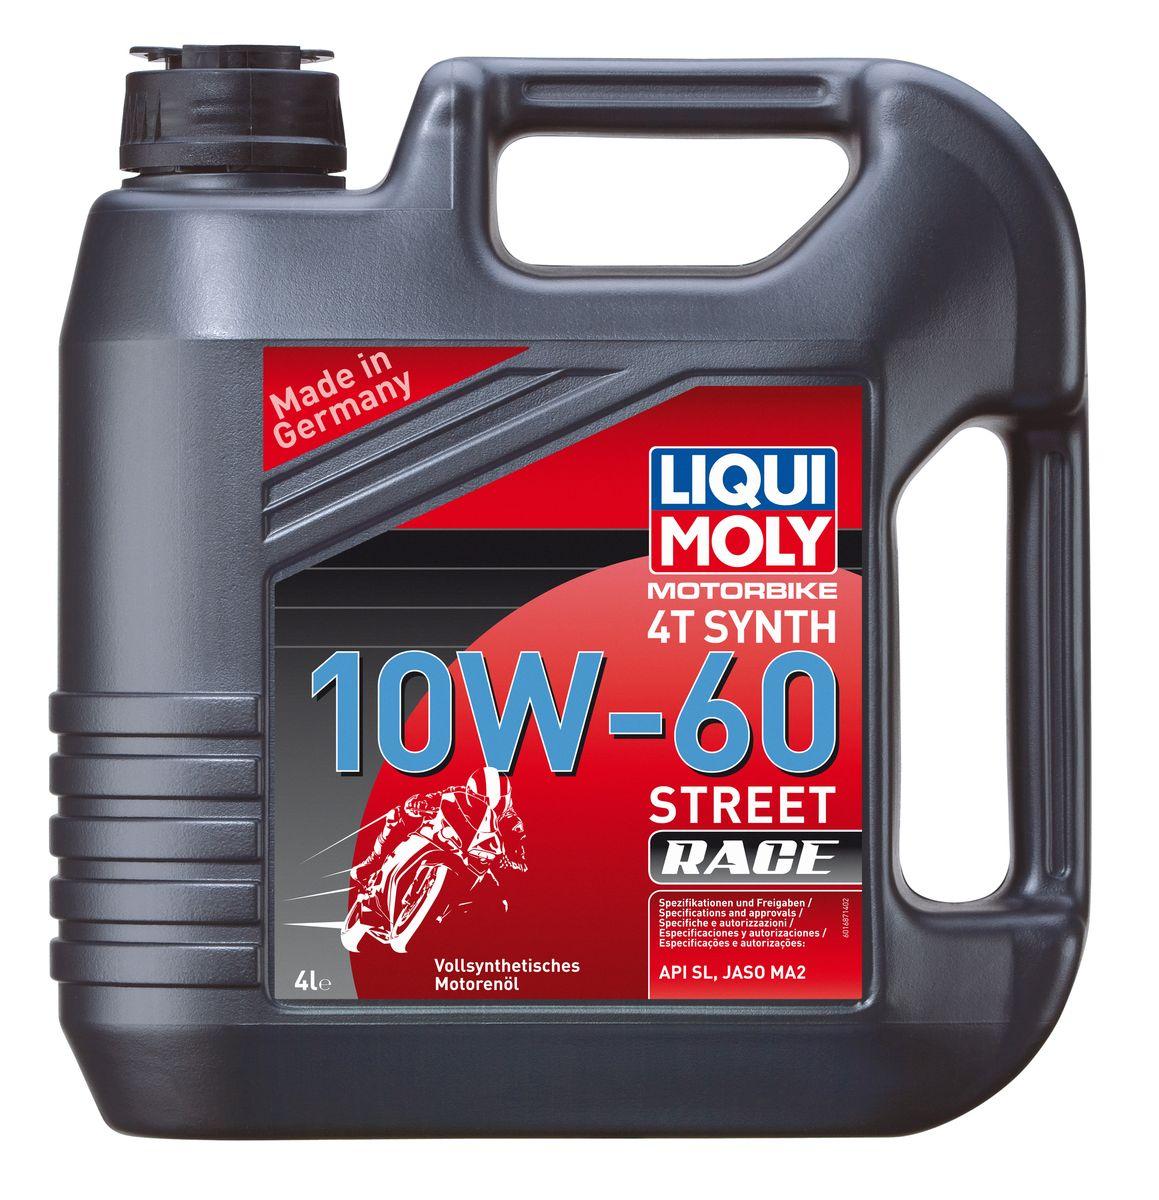 цена на Масло моторное Liqui Moly Motorbike 4T Synth Street Race, синтетическое, 10W-60, 4 л